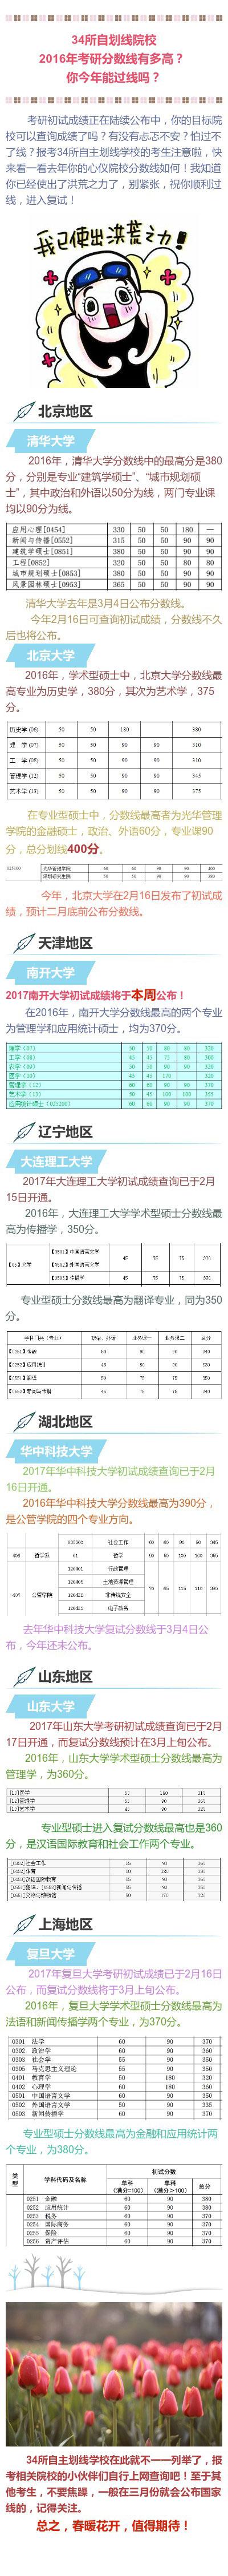 34所自划线院校2016年考研分数线有多高?